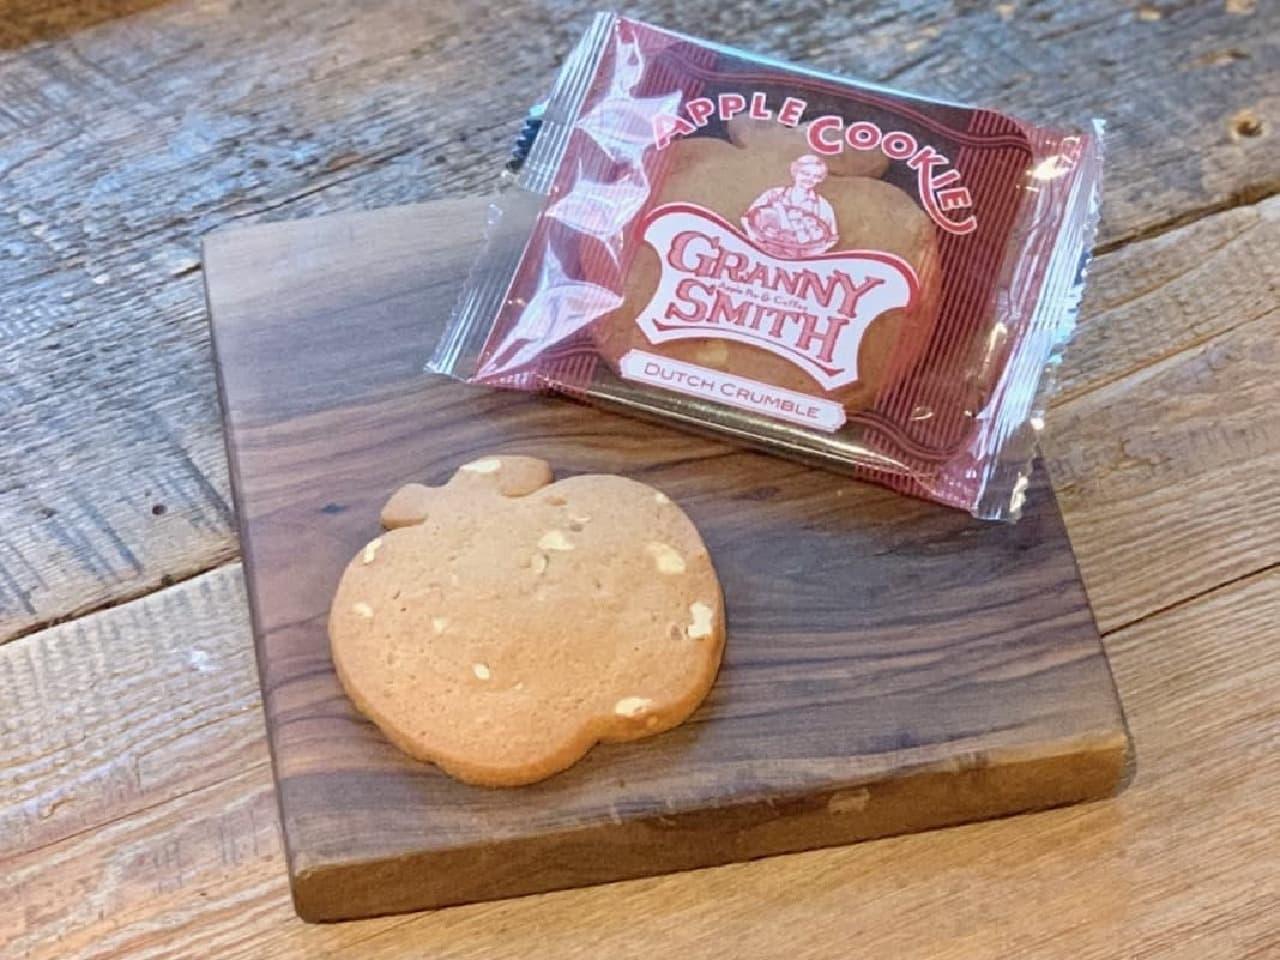 グラニースミス「アップルクッキー」